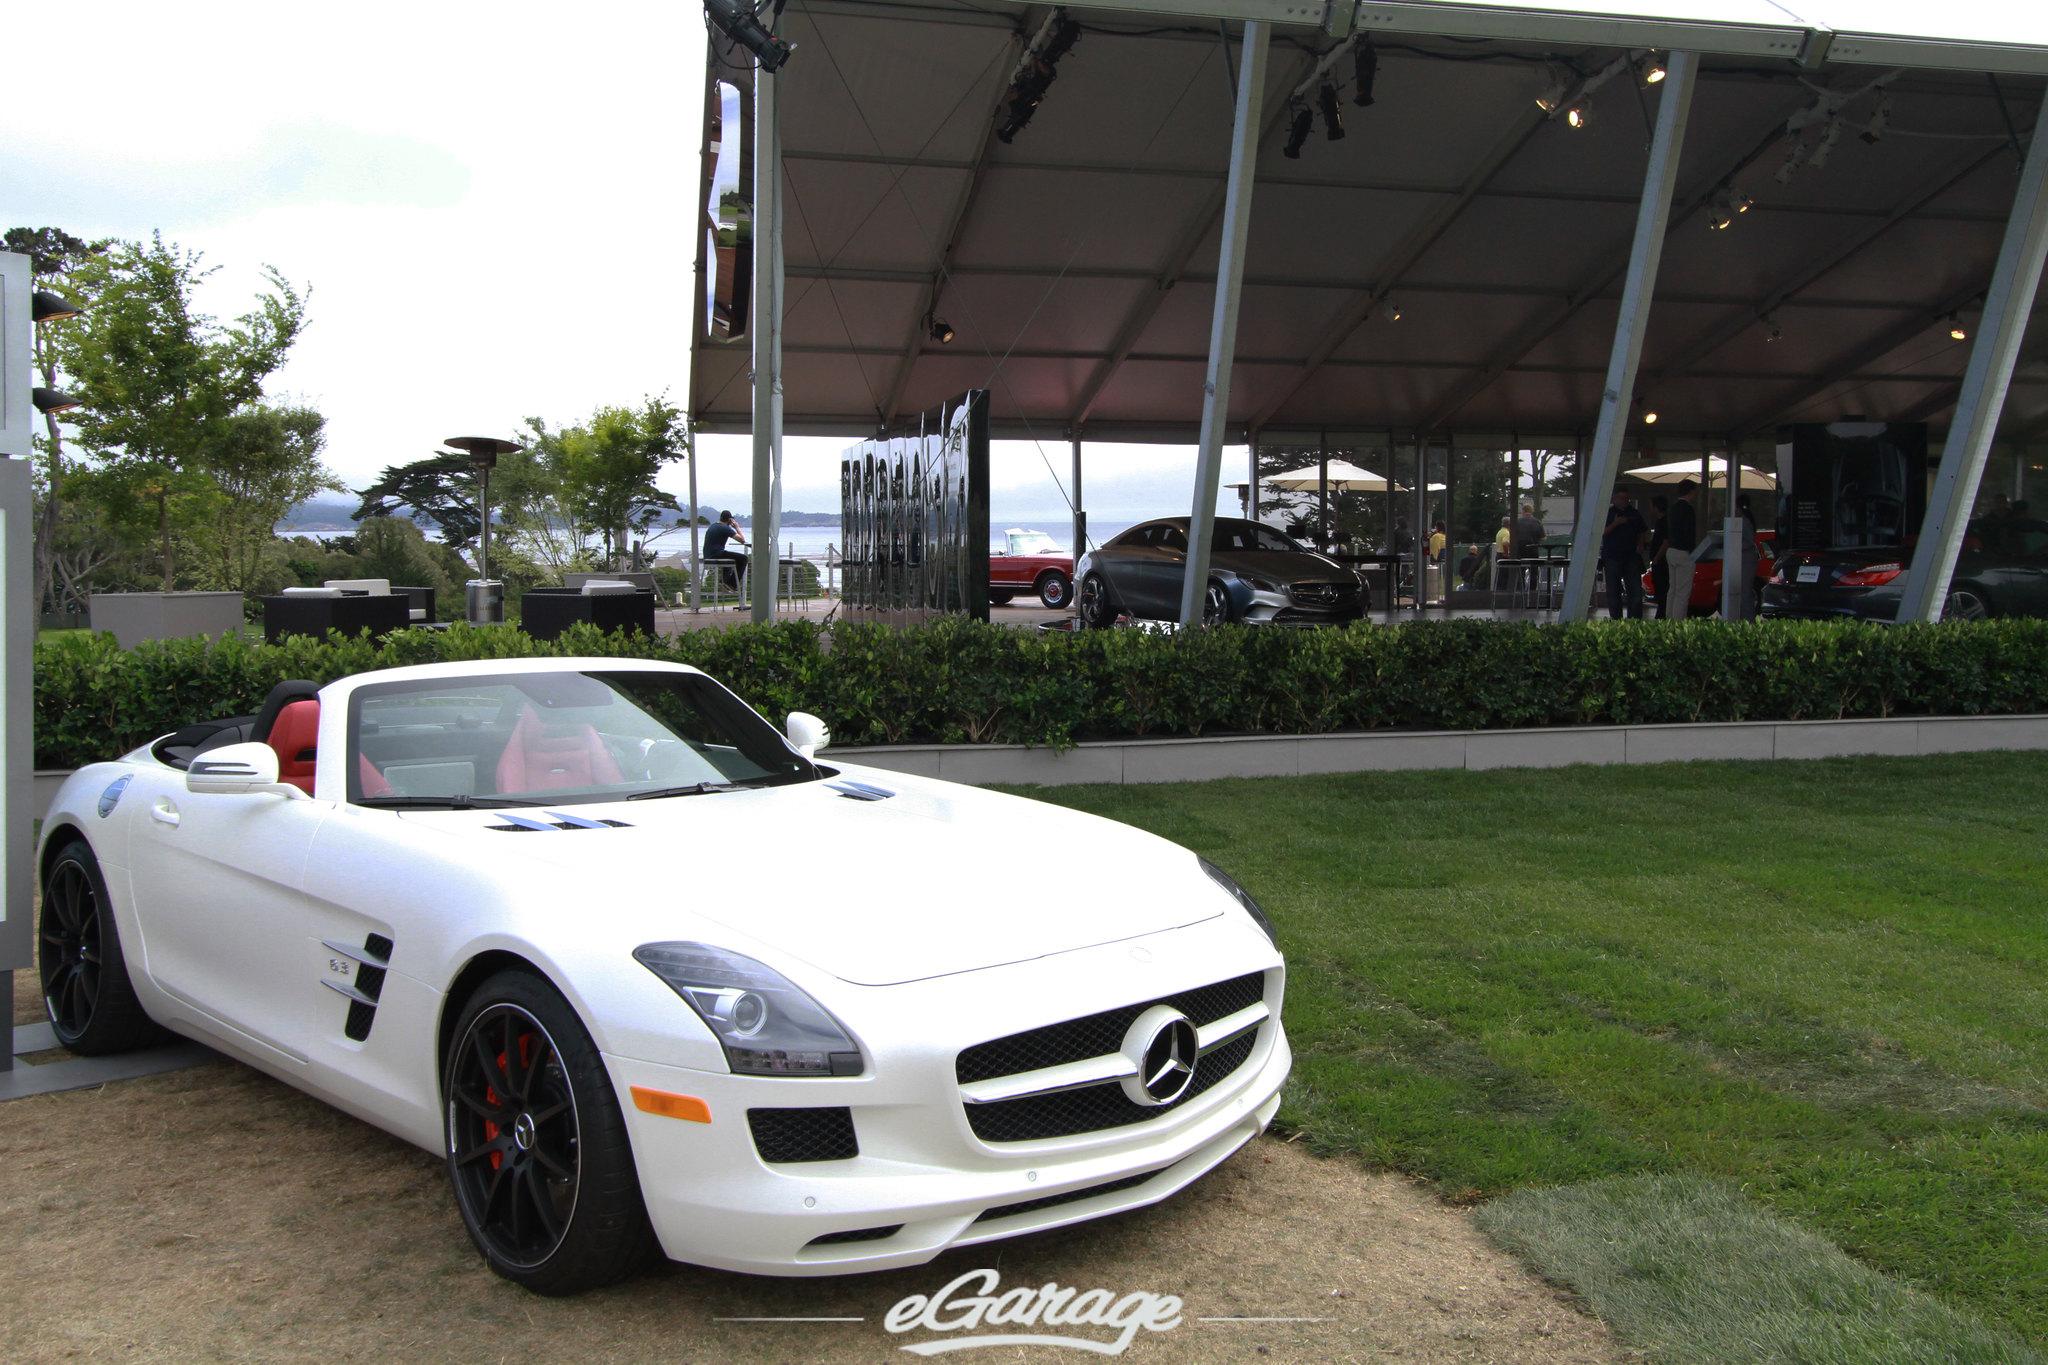 7828971964 f747e7cce0 k Mercedes Benz Classic